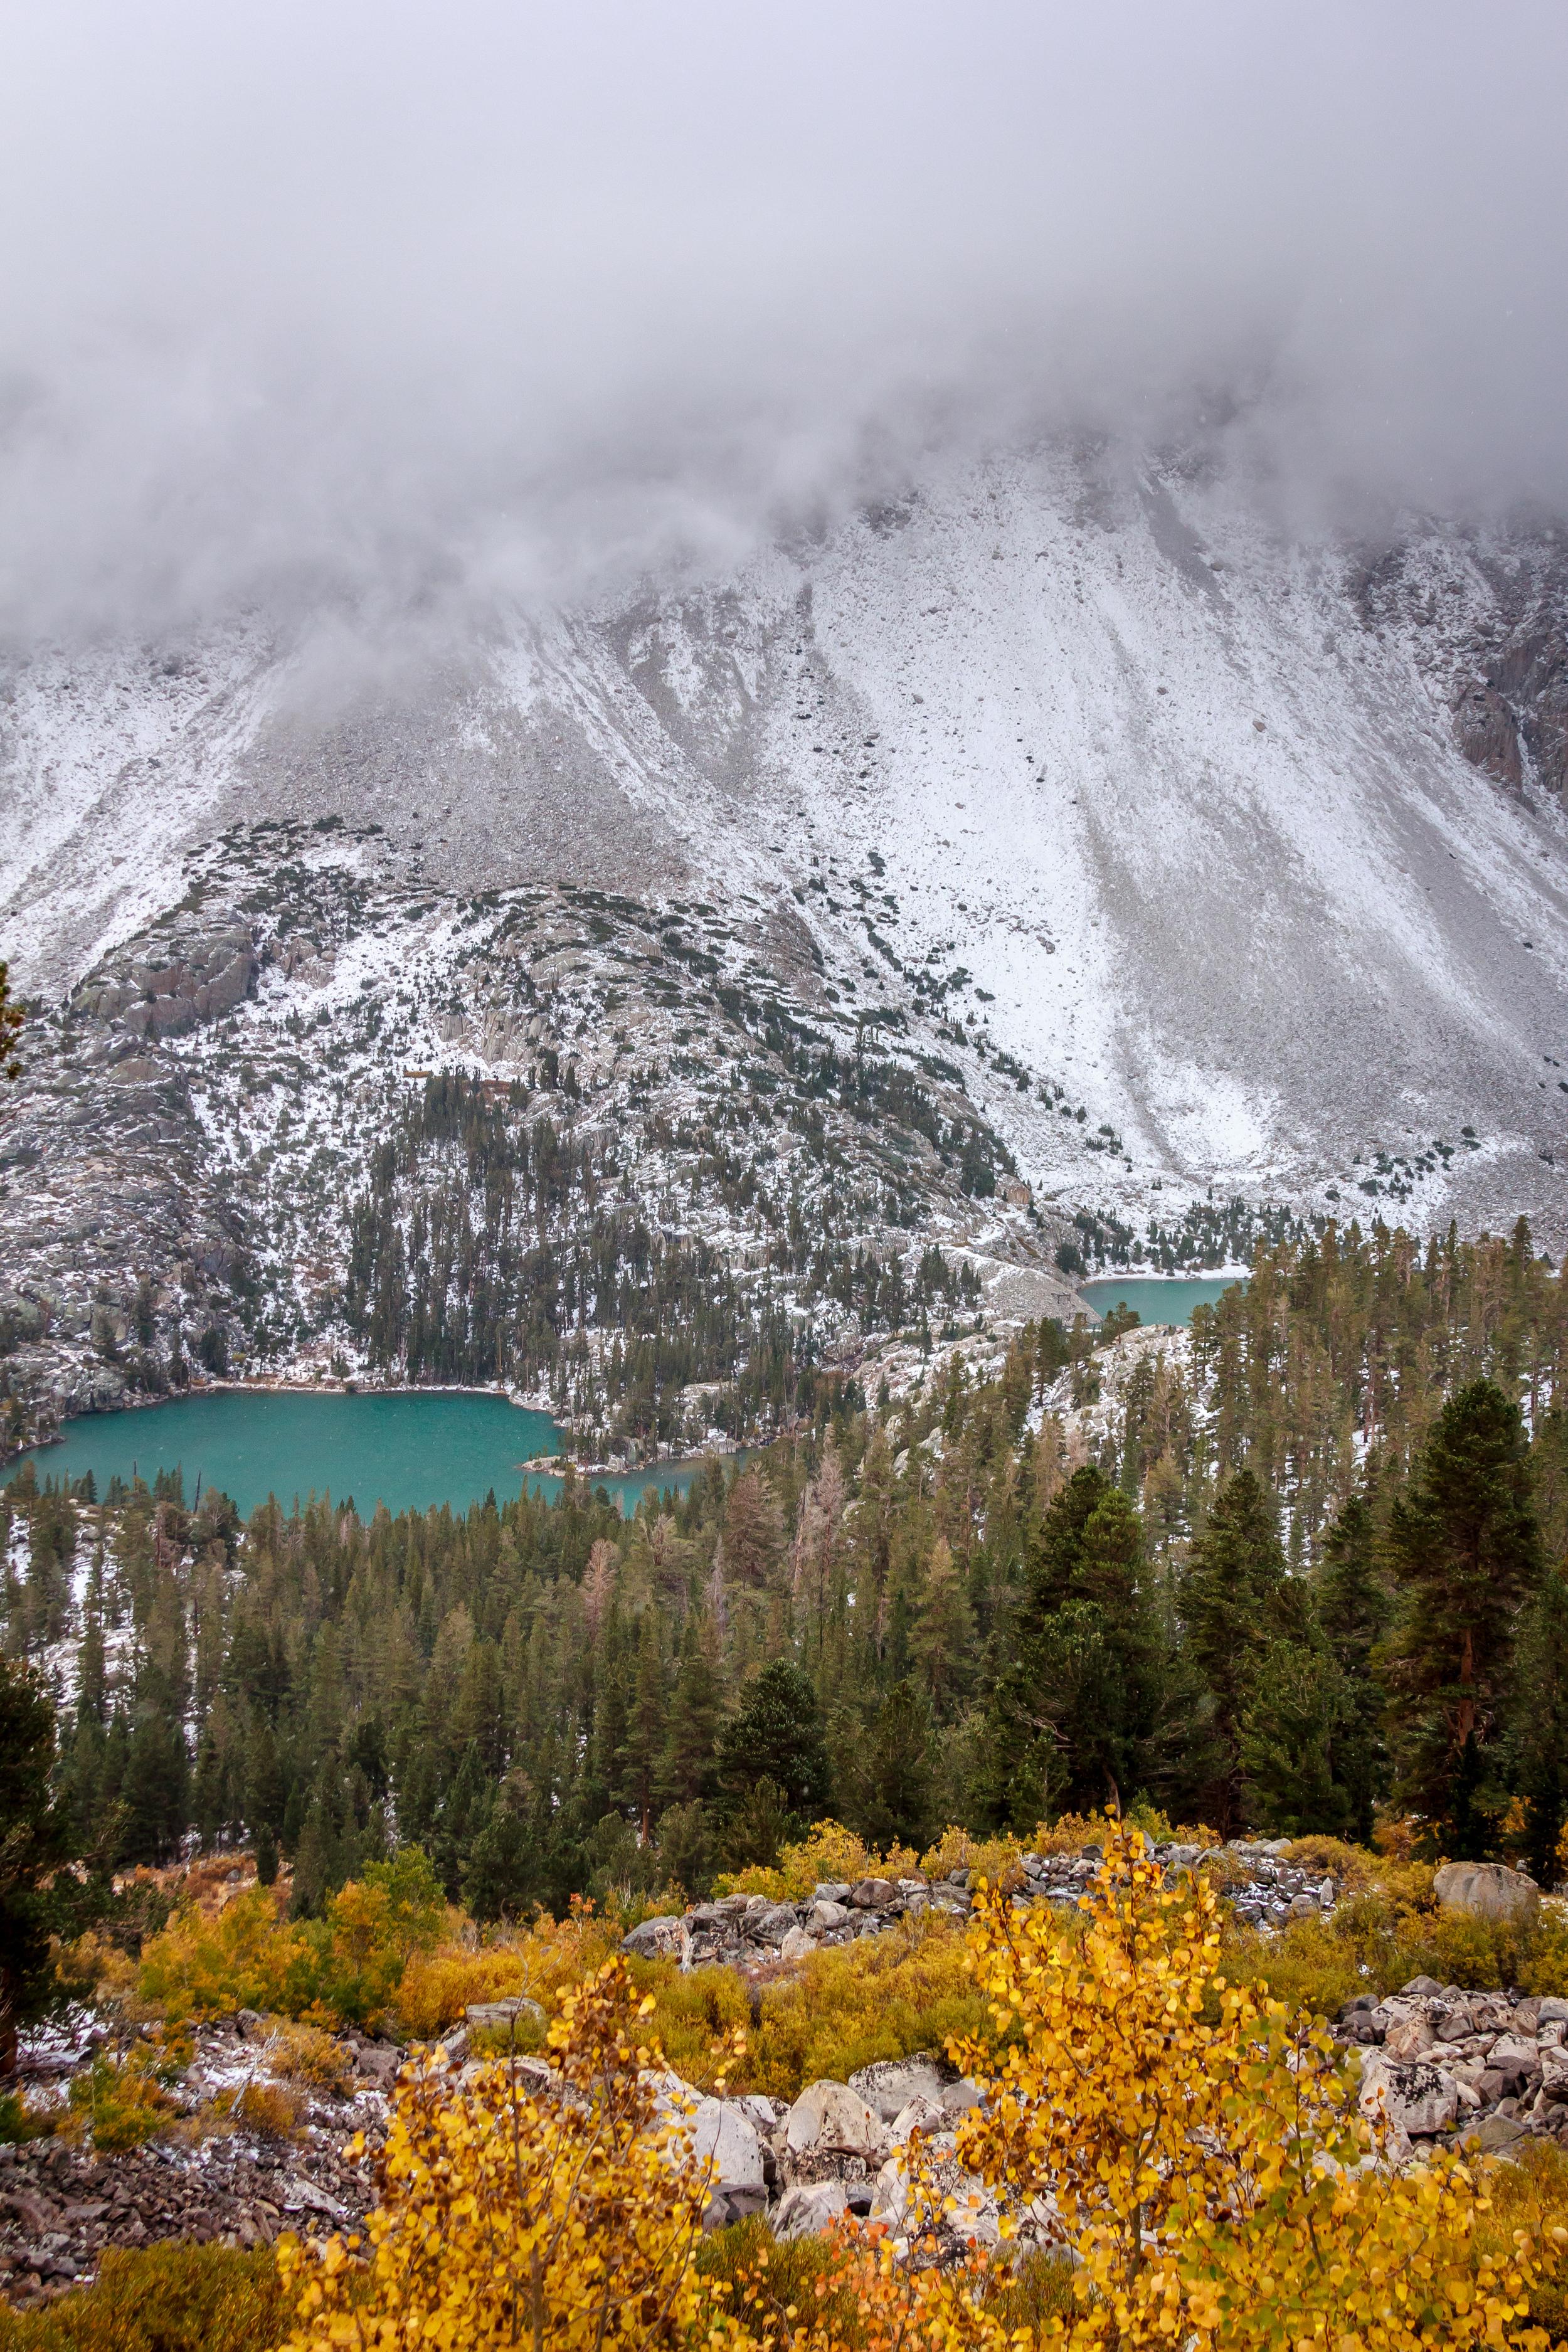 Fall in the Sierra Nevadas